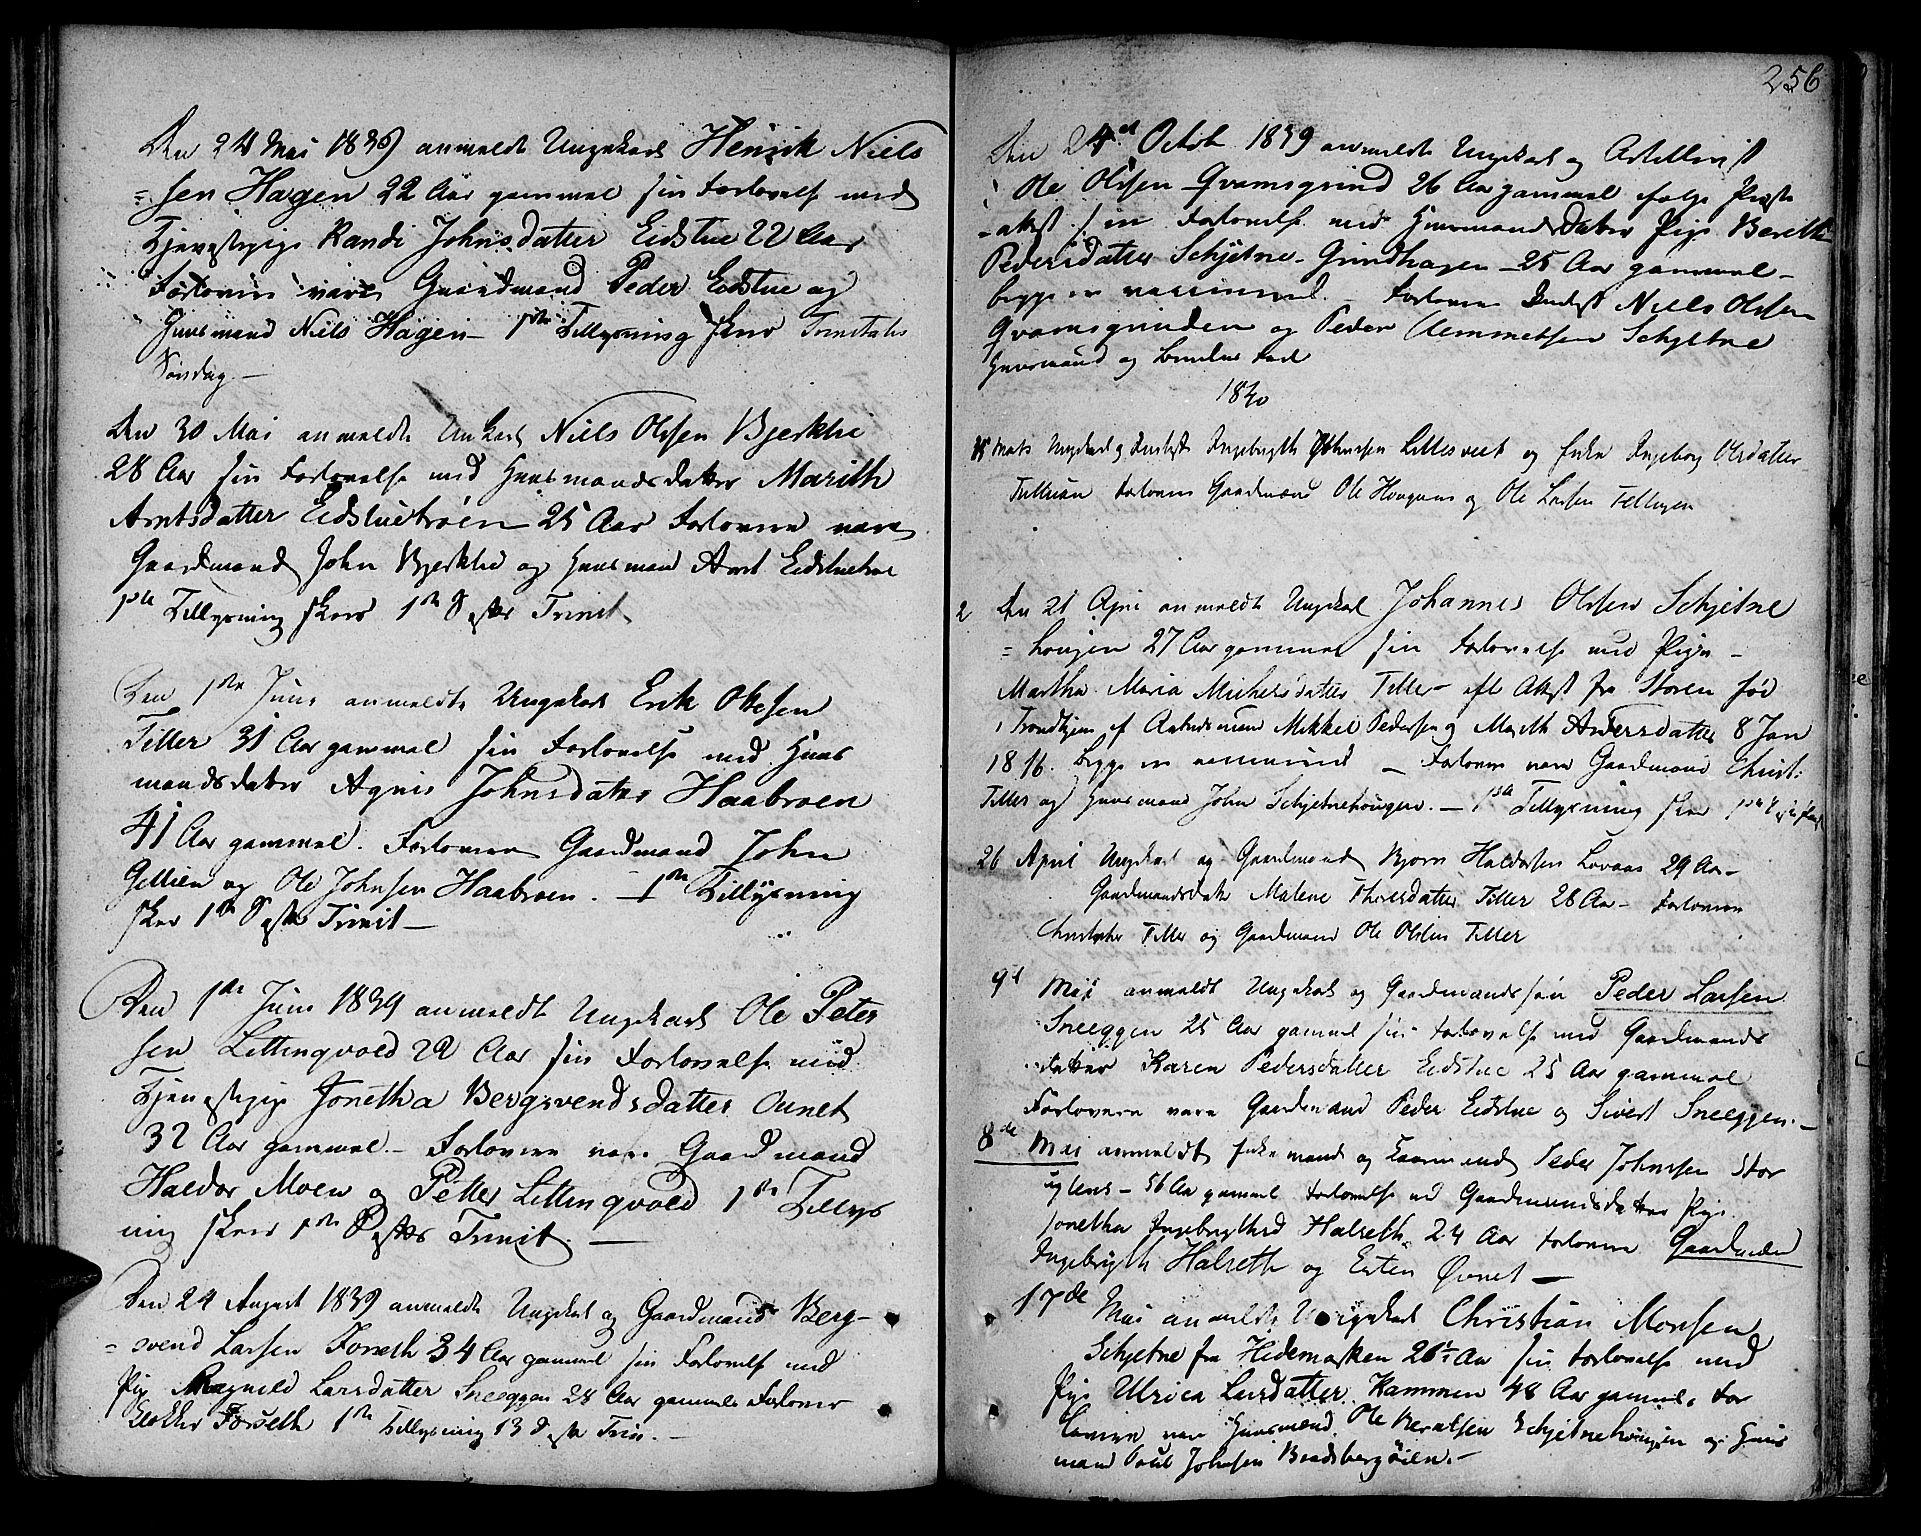 SAT, Ministerialprotokoller, klokkerbøker og fødselsregistre - Sør-Trøndelag, 618/L0438: Ministerialbok nr. 618A03, 1783-1815, s. 256